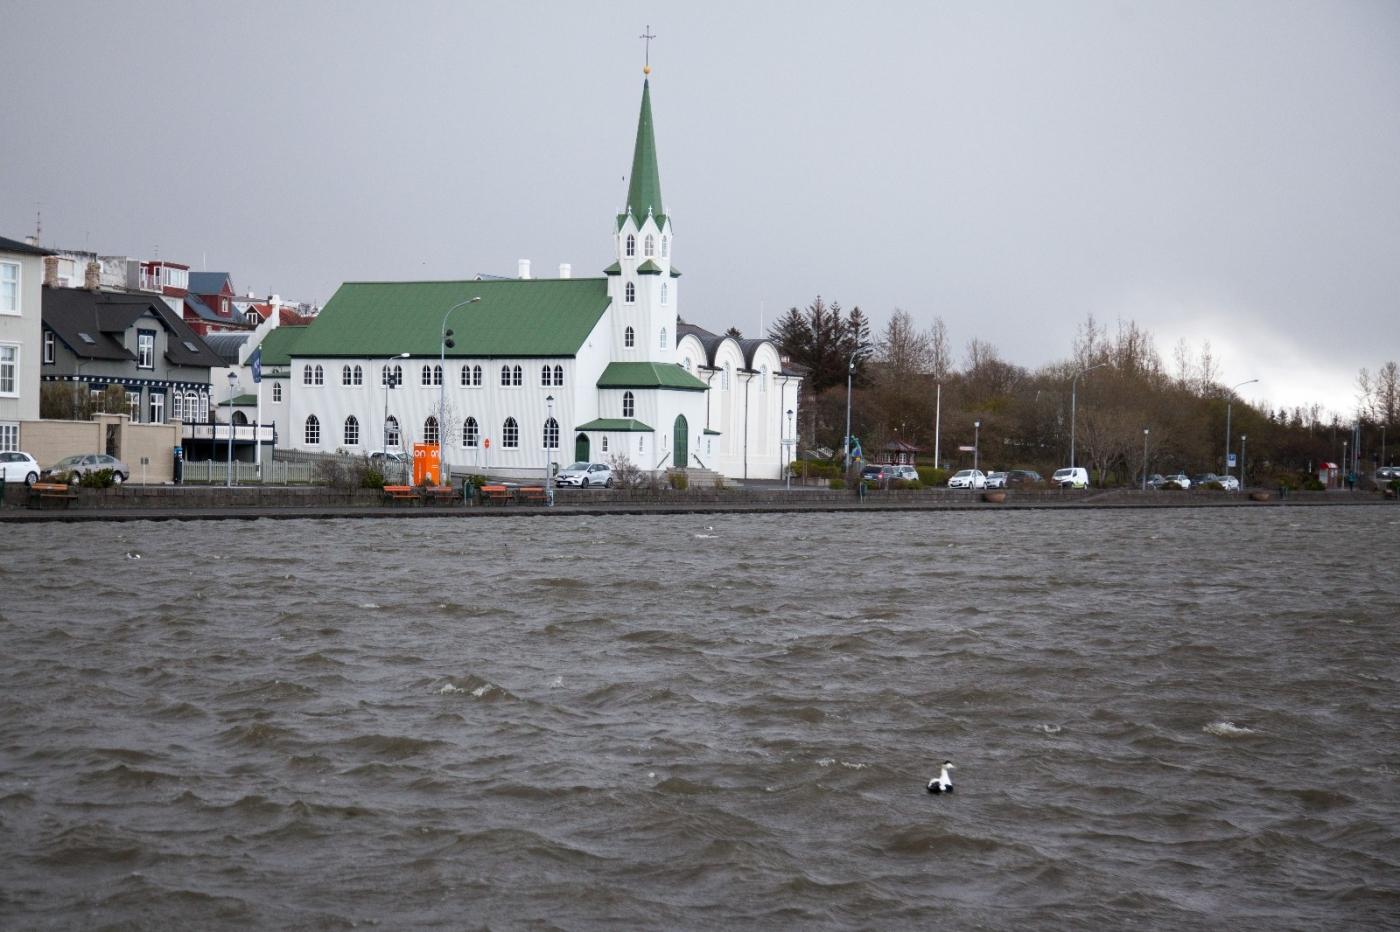 冰岛海滩风景_图1-3